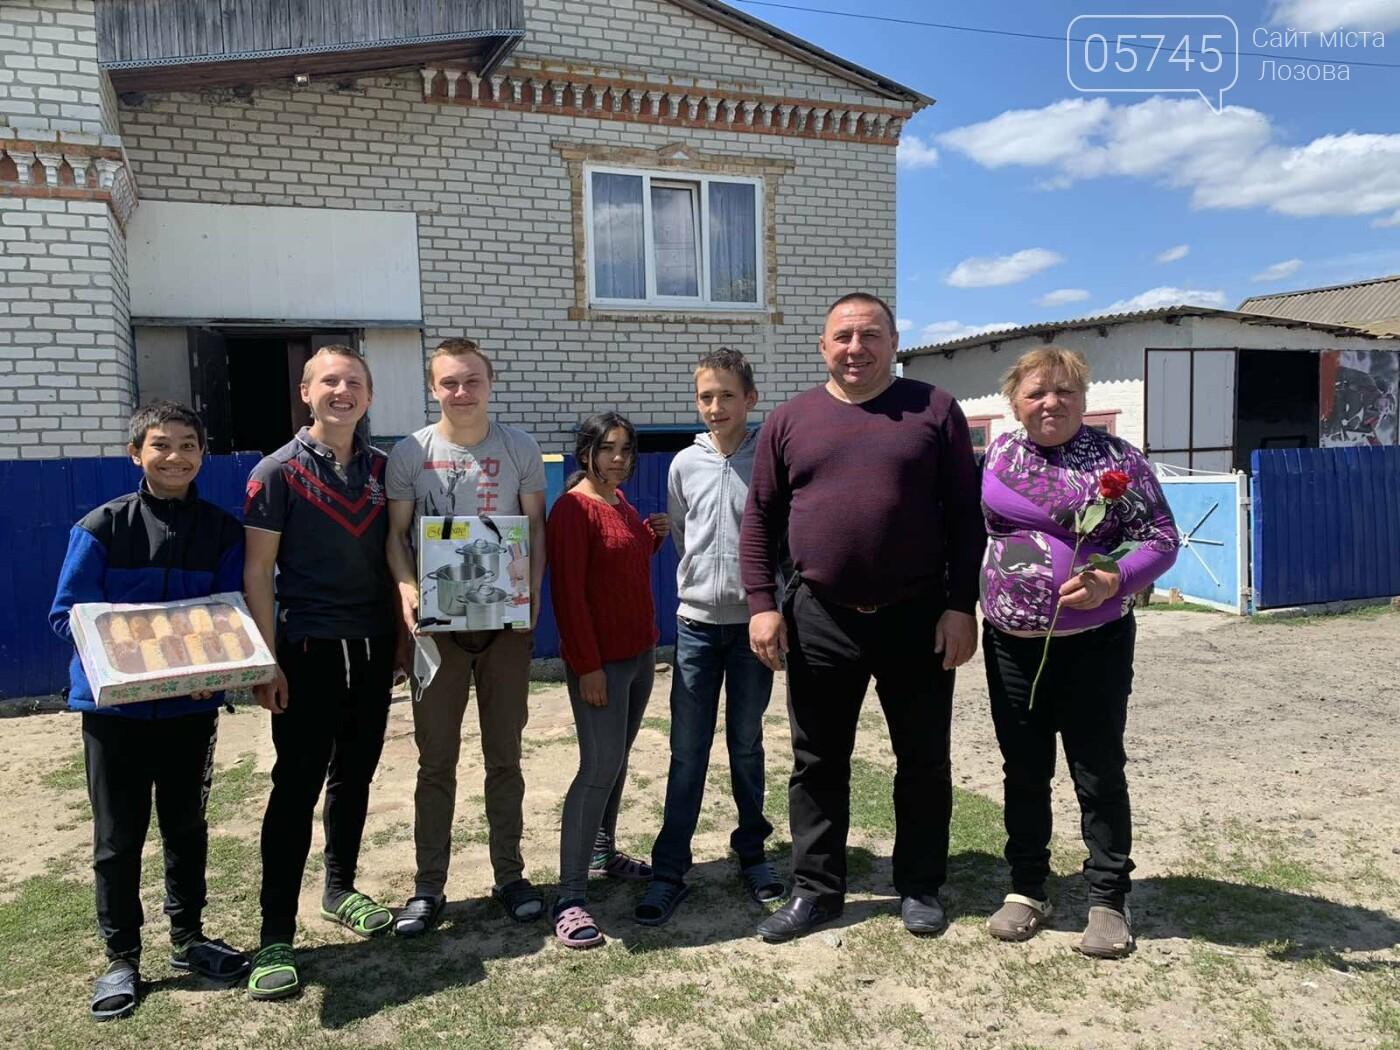 Приемные семьи Лозовщины получили подарки ко Дню семьи, фото-11